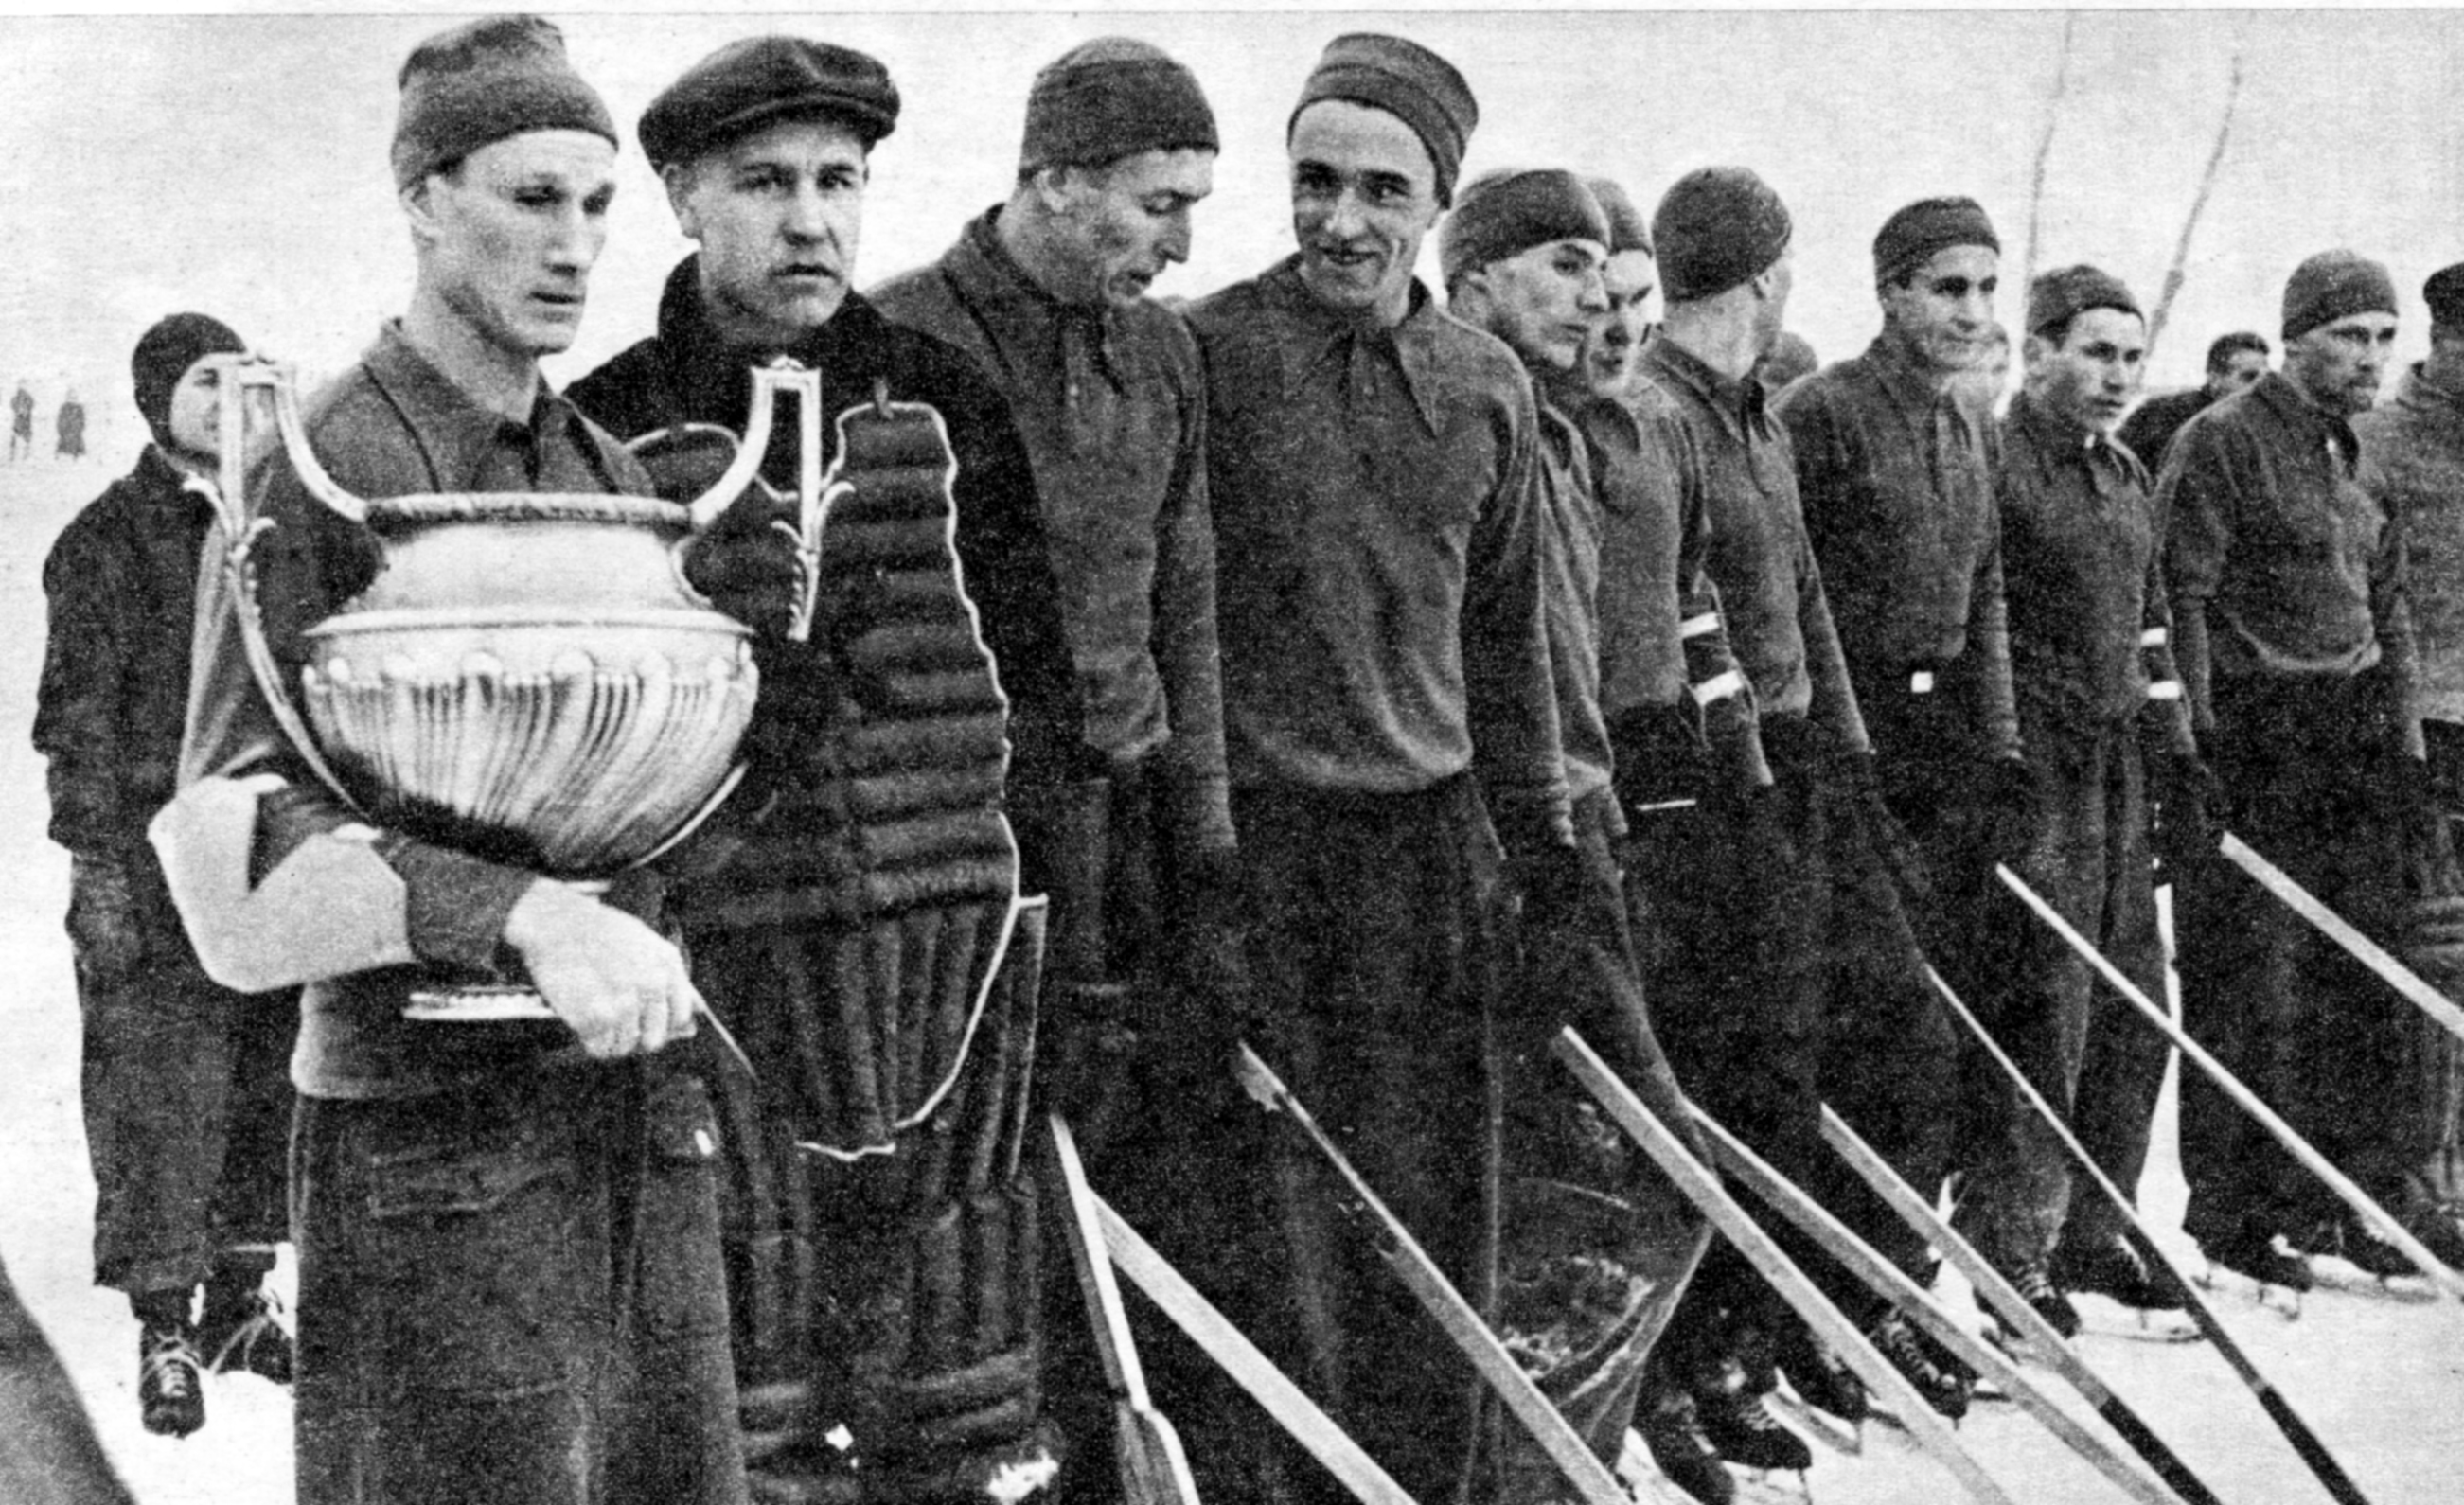 74 года назад завершился первый чемпионат СССР по хоккею. Золото взяли московские динамовцы – по разнице шайб